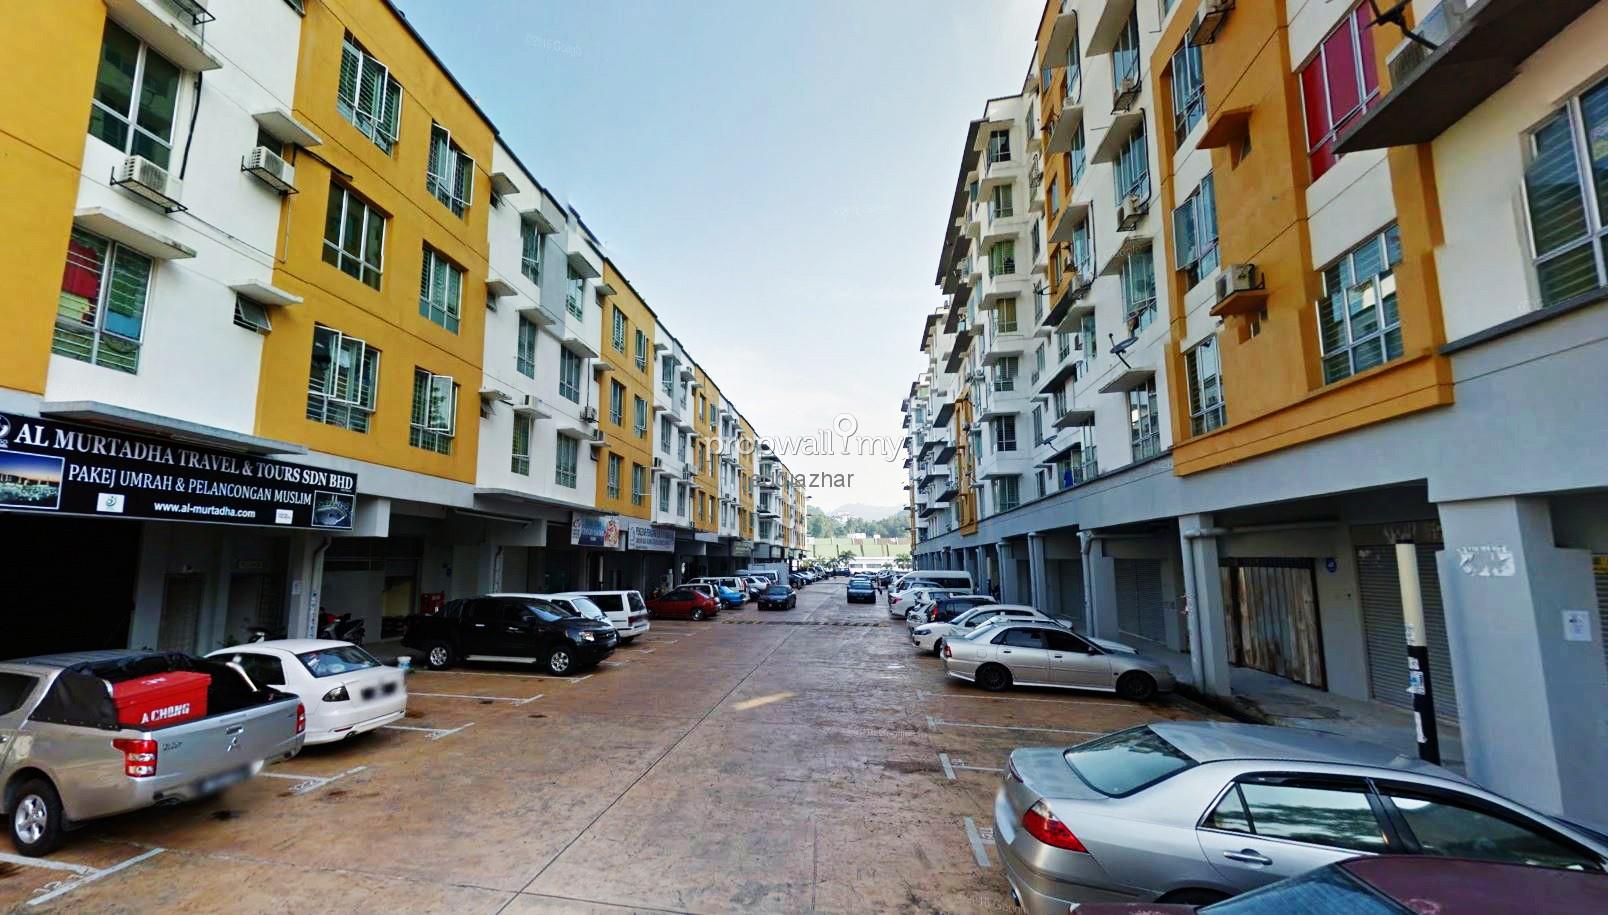 162 Residency, Selayang Condominium For Sale by William Wan